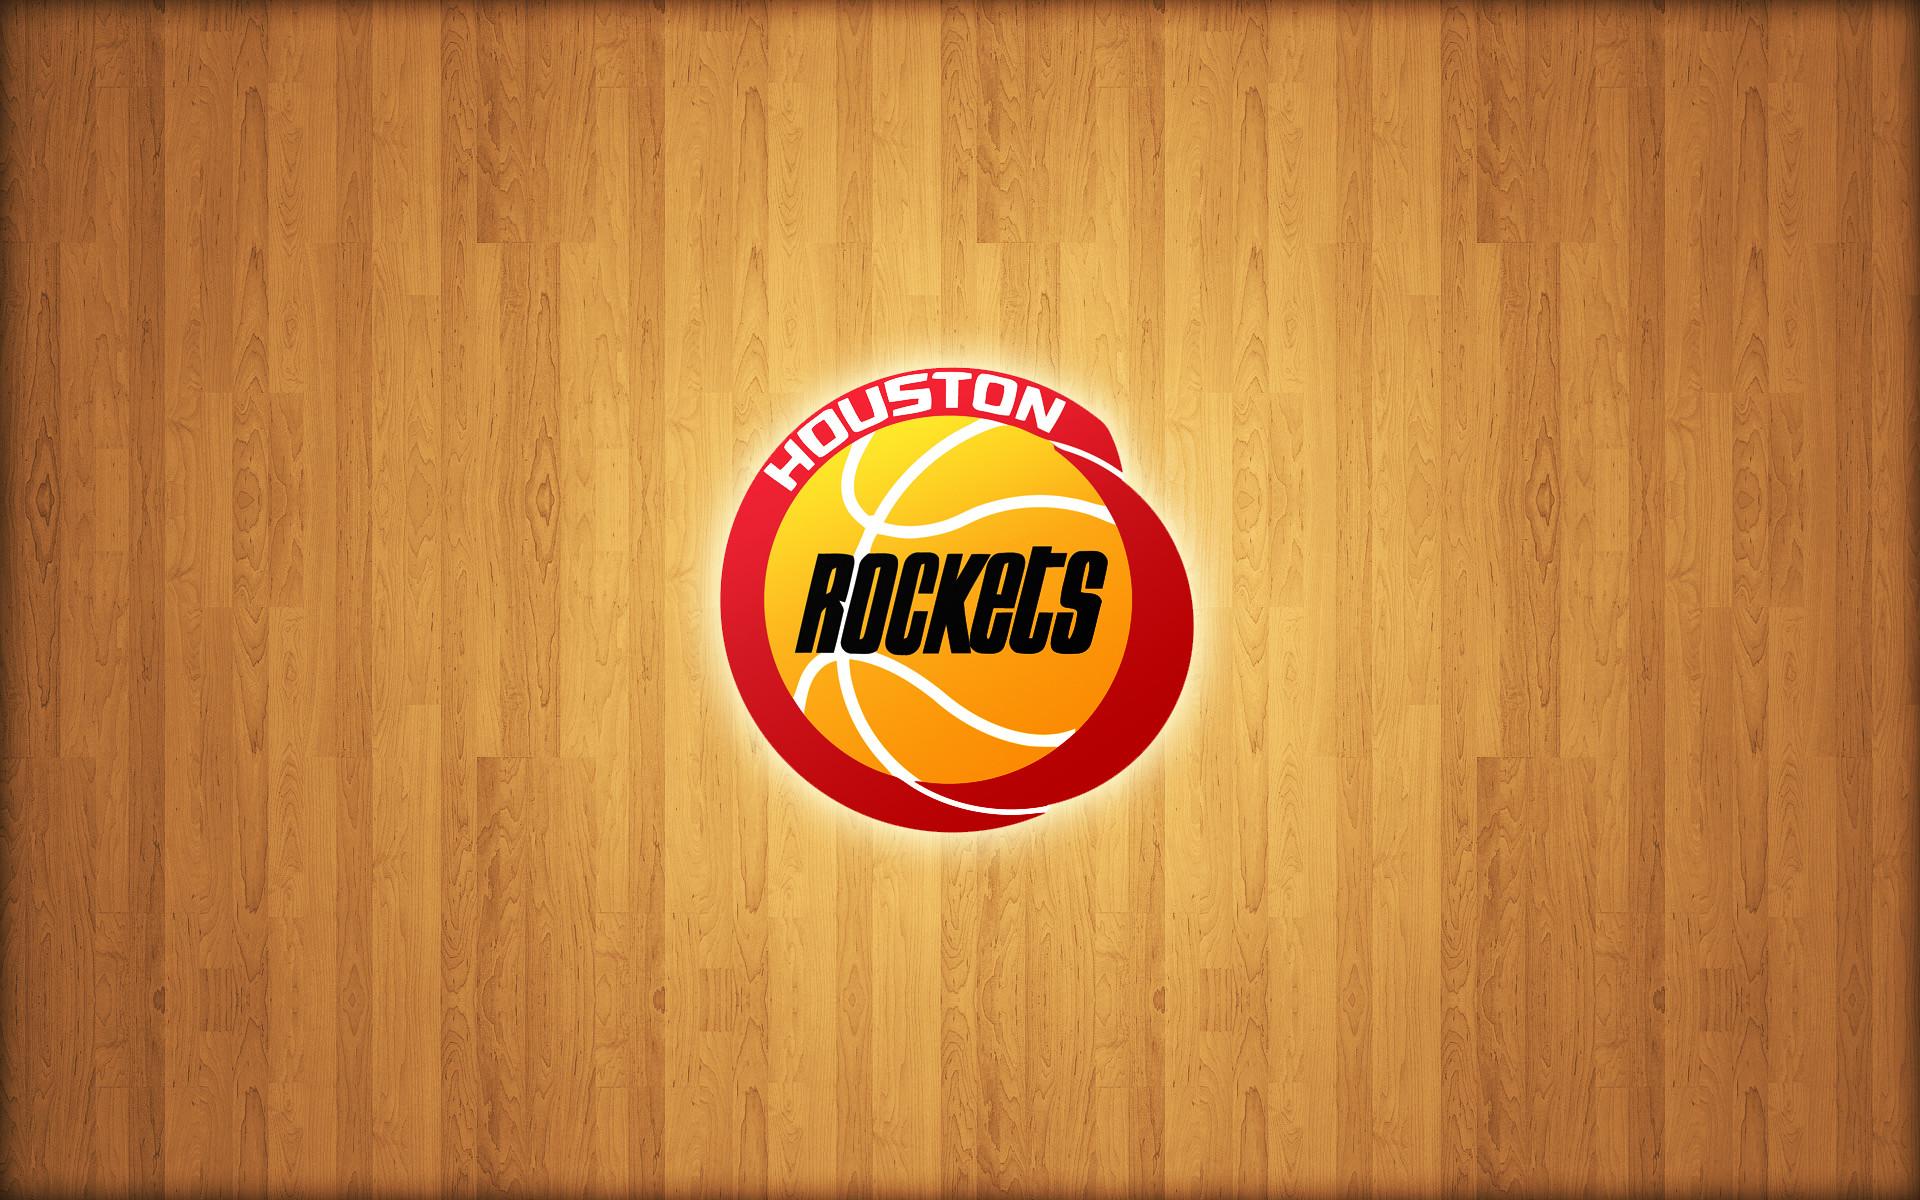 Nba logo wallpaper hd